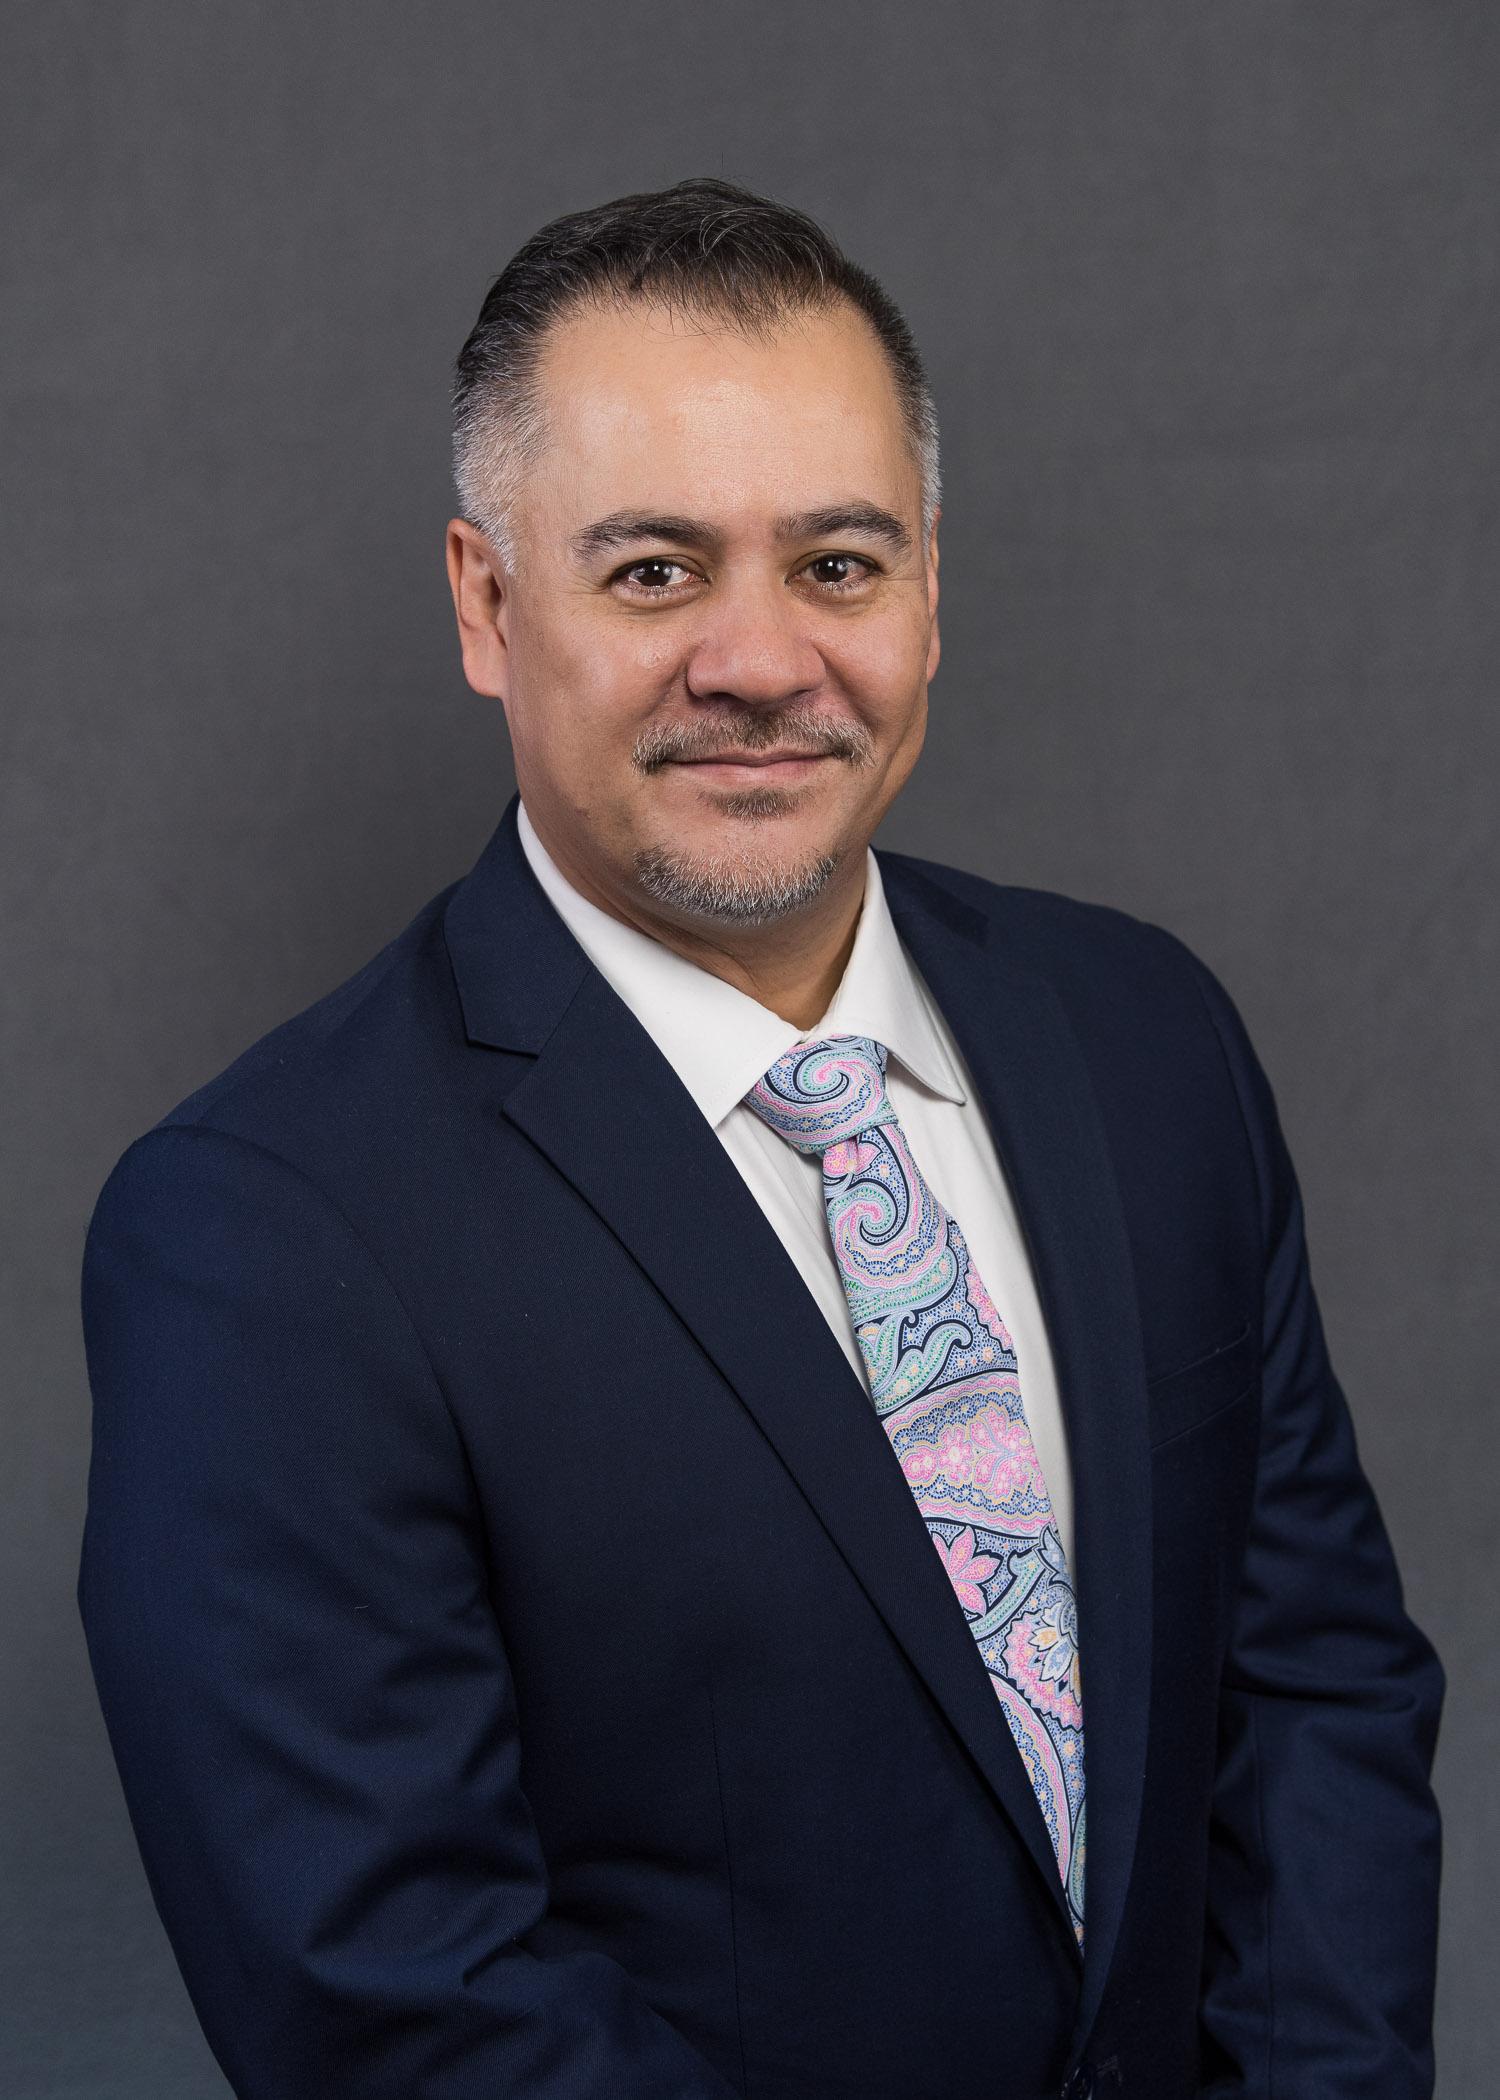 Dr. Ray Kadkhodaian Counseling Schaumburg IL